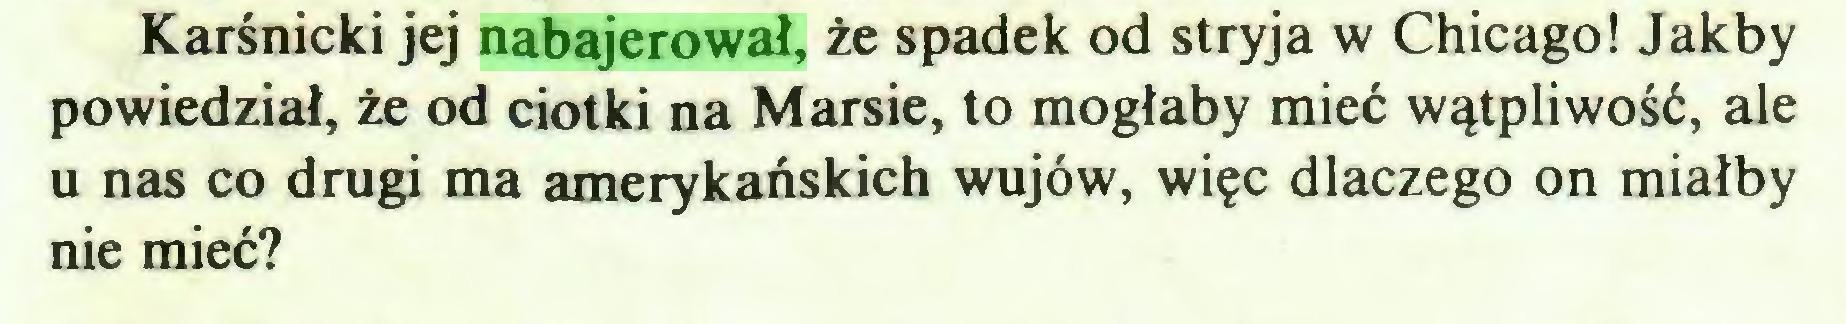 (...) Karśnicki jej nabajerował, że spadek od stryja w Chicago! Jakby powiedział, że od ciotki na Marsie, to mogłaby mieć wątpliwość, ale u nas co drugi ma amerykańskich wujów, więc dlaczego on miałby nie mieć?...